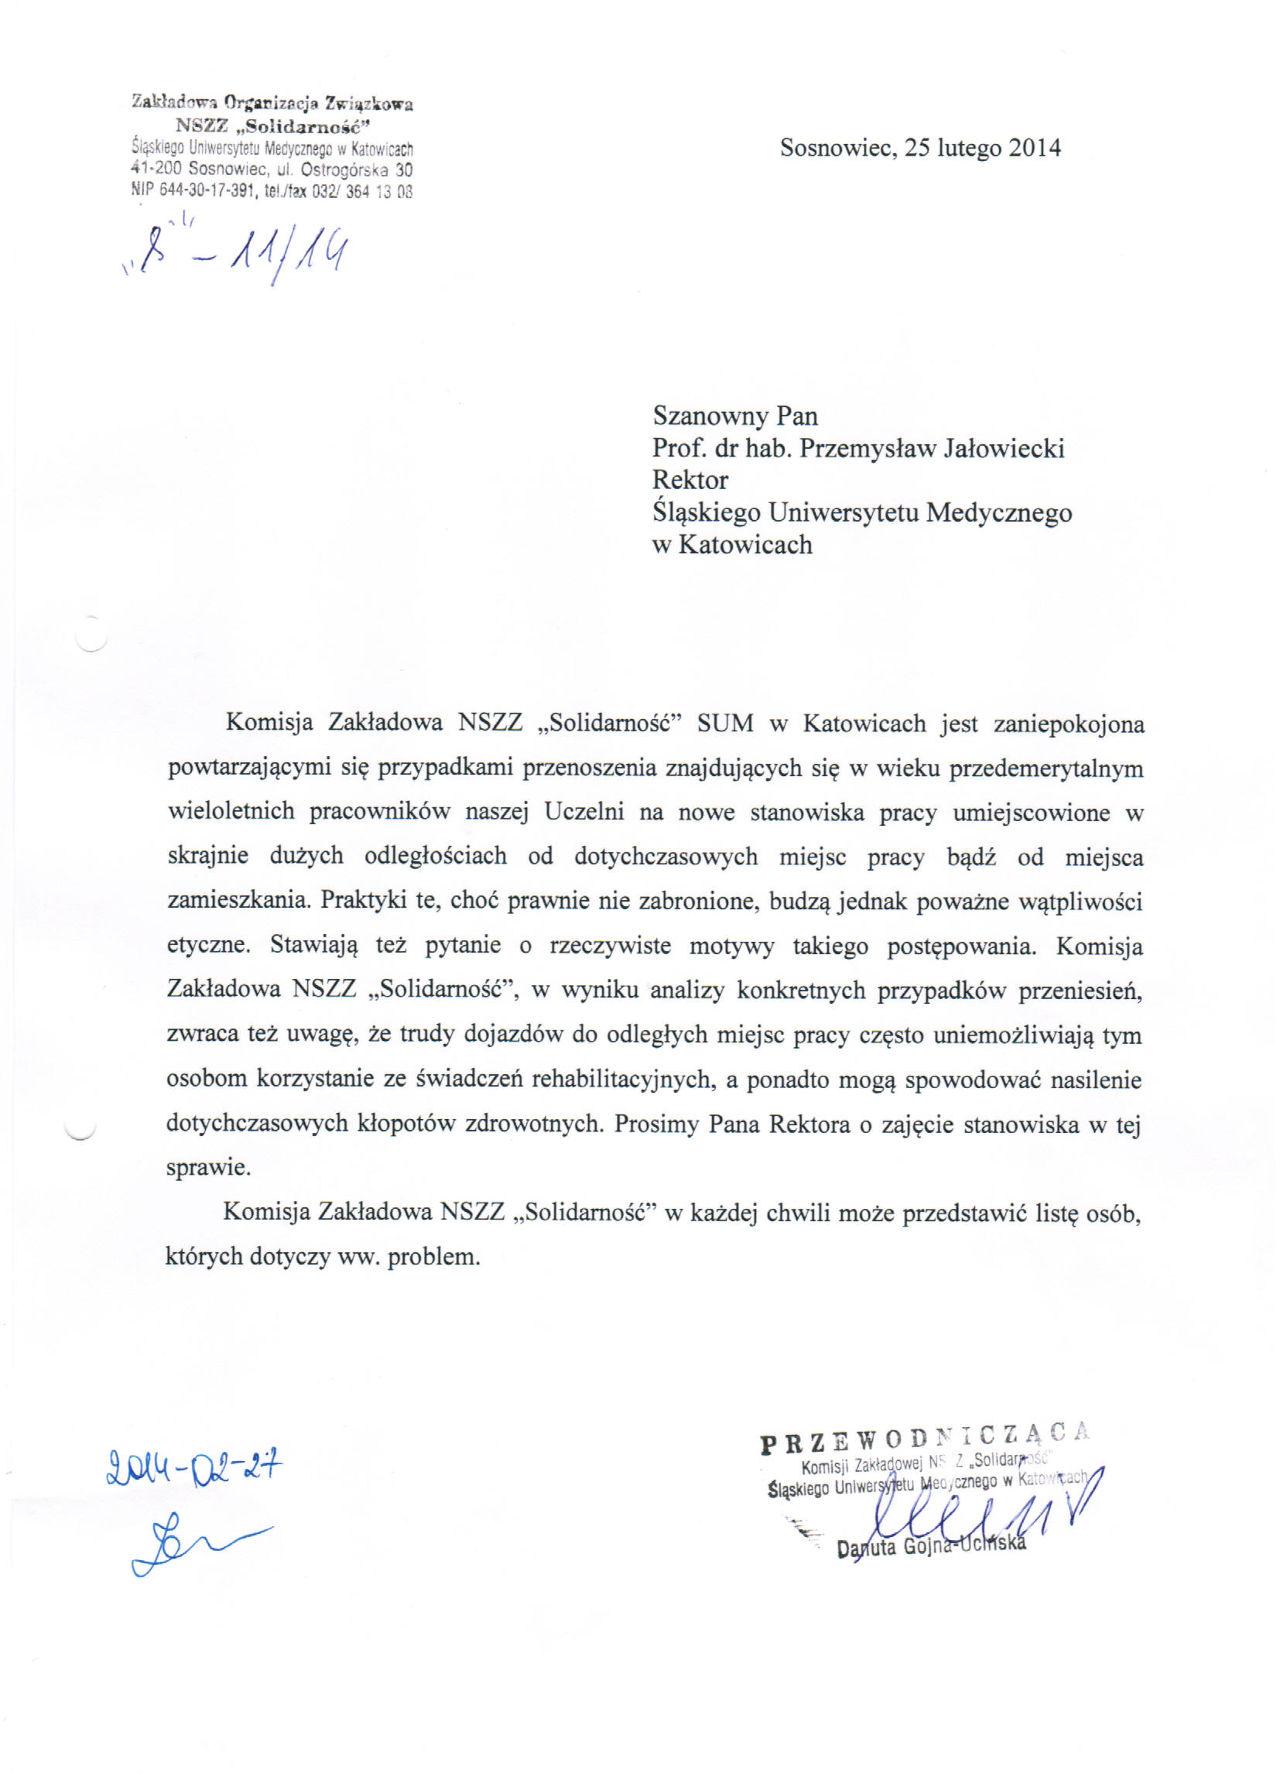 Pismo do rektora